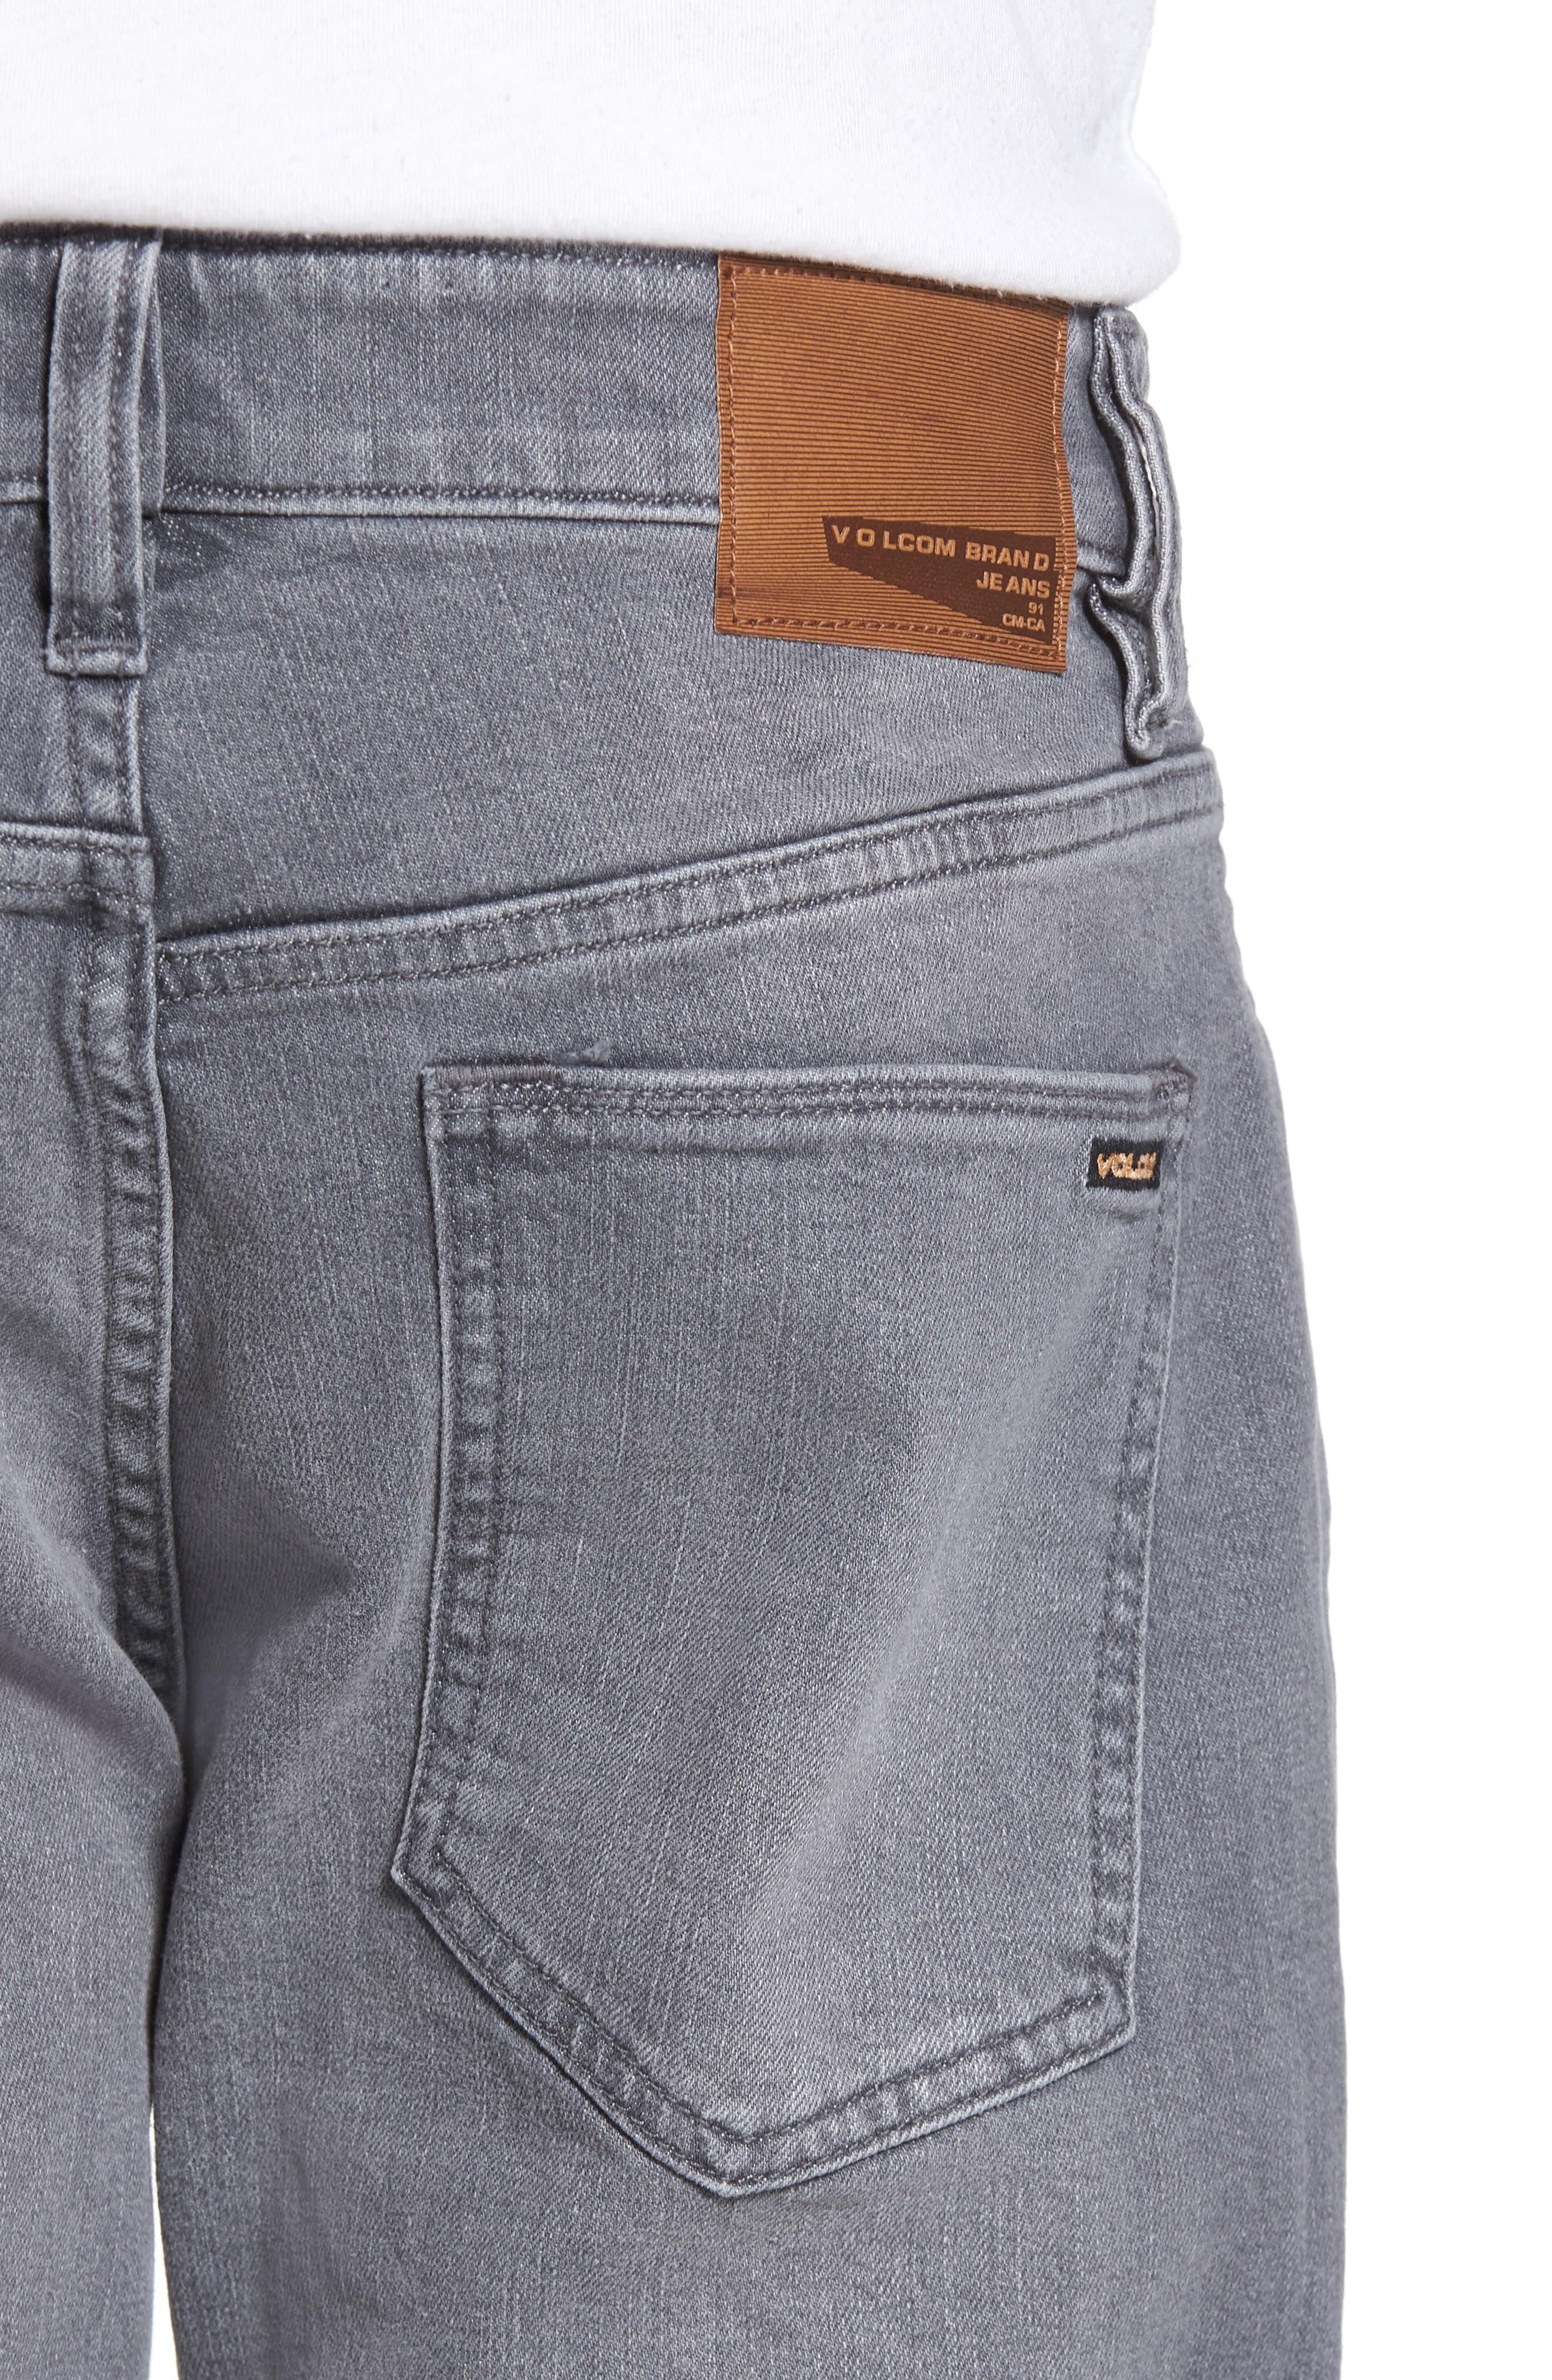 'Vorta' Slim Fit Jeans,                             Alternate thumbnail 22, color,